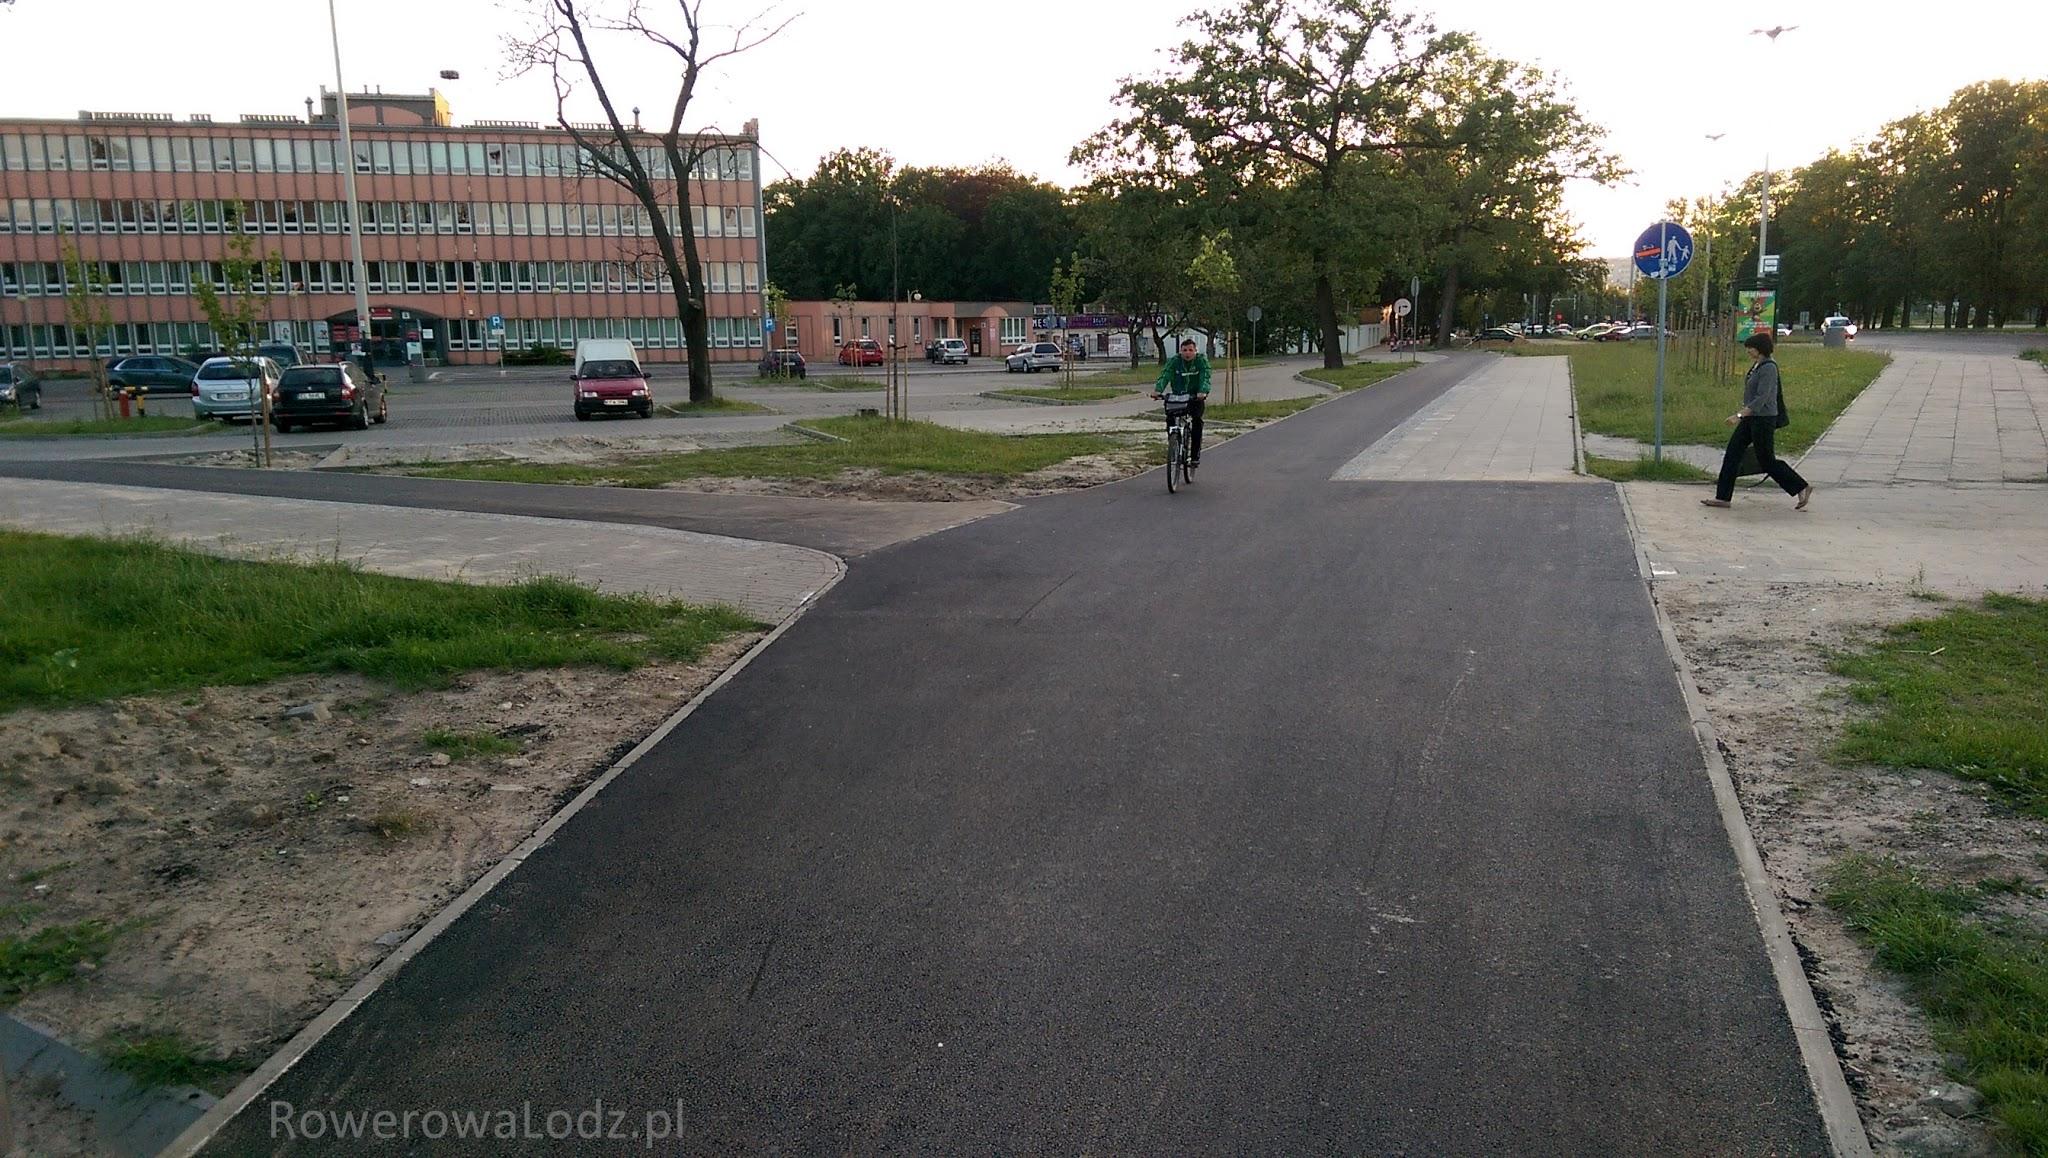 Rozjazd w kierunku ul. Karolewskiej